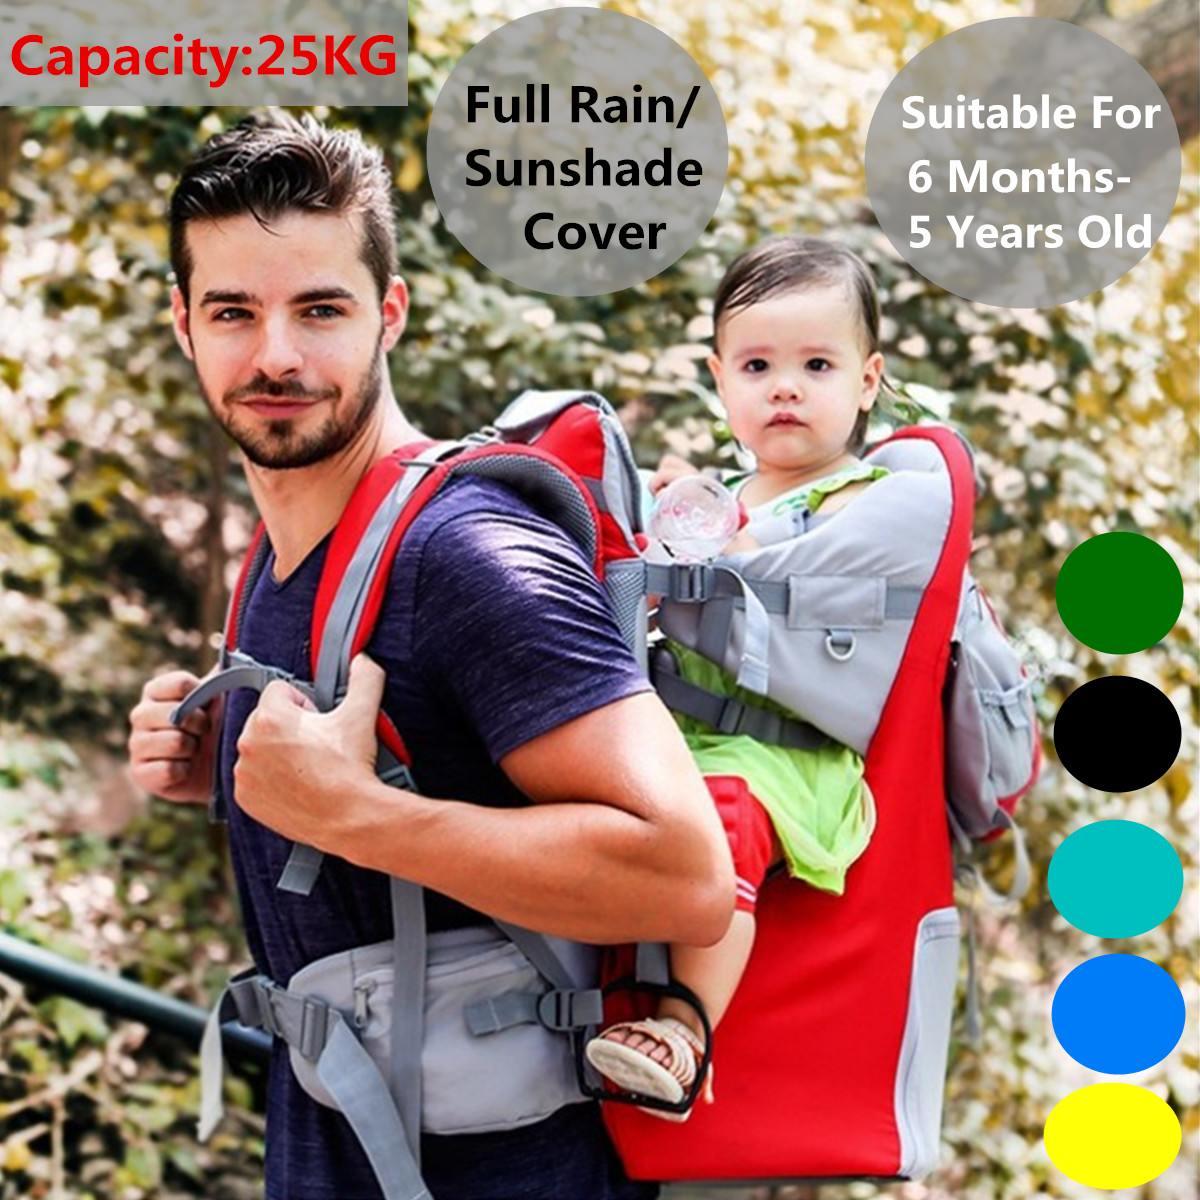 Porte-bébé pliable sac à dos imperméable bébé randonnée voyage alpinisme extérieur bébé dos cadre chaise portant poids 50Kg